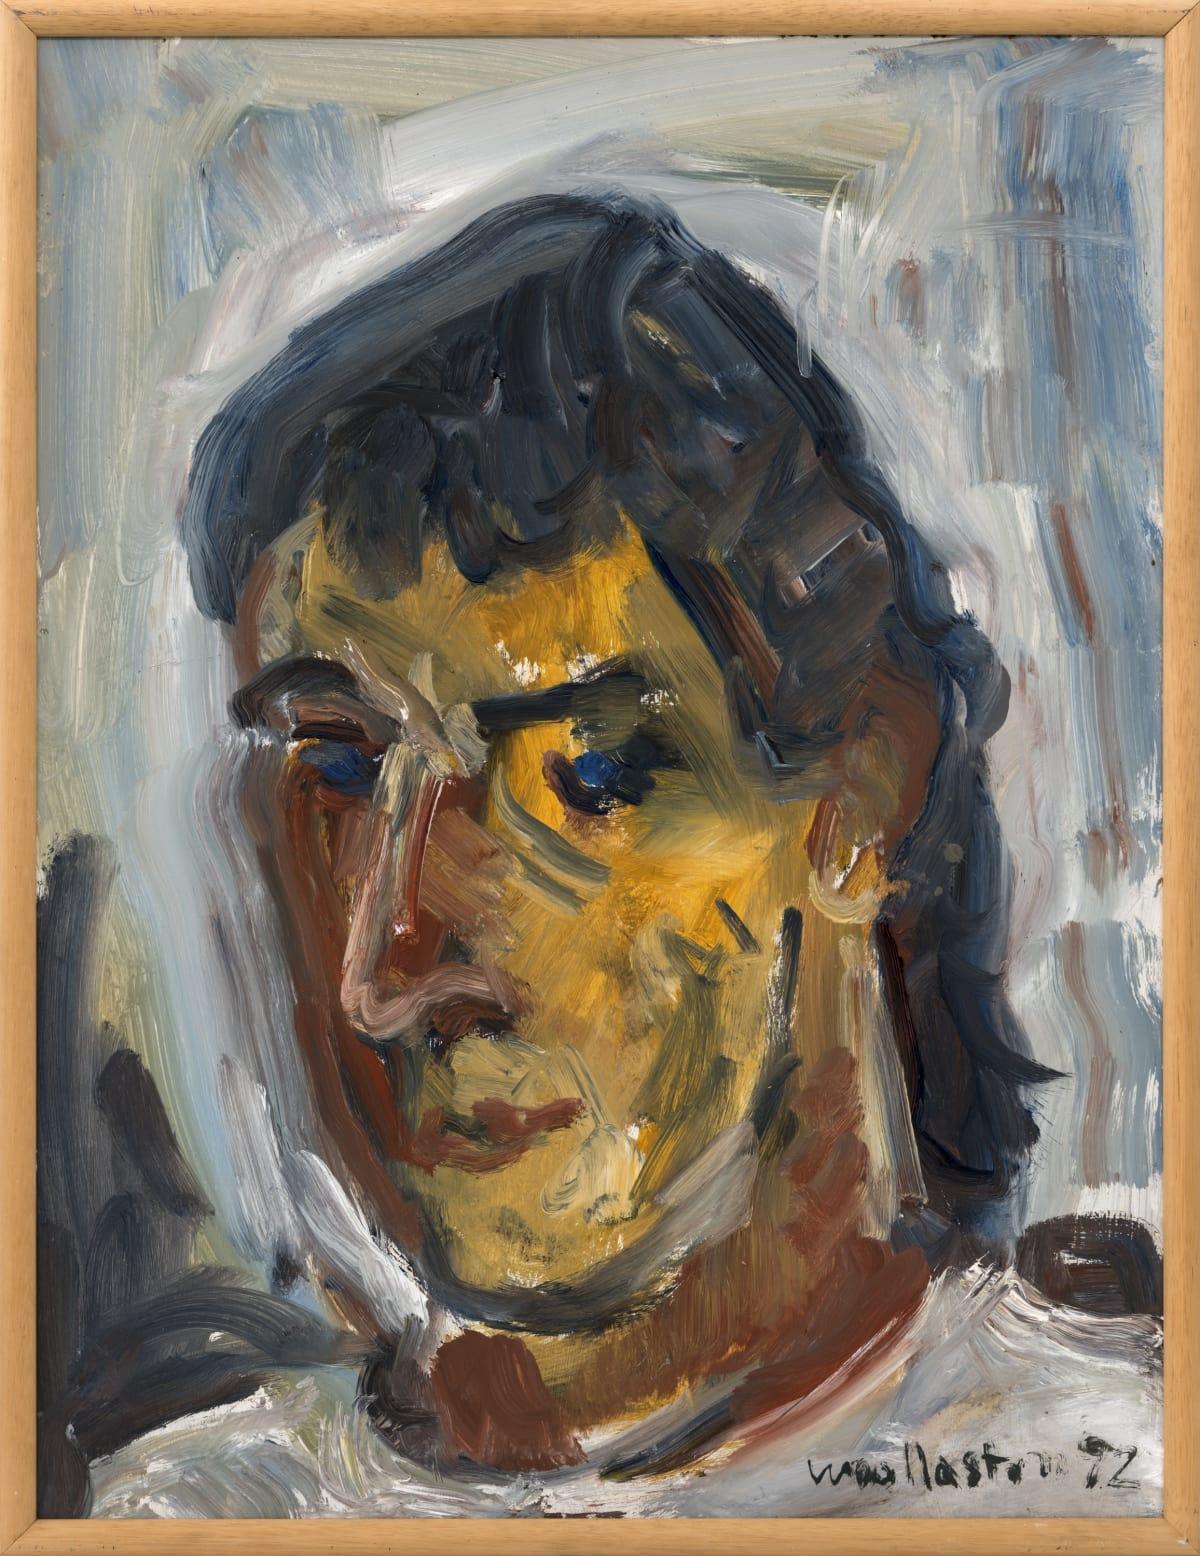 Mountford Tosswill Woollaston Portrait (Stephen Lockett), 1992 Oil on board 70.8 x 53.5 cm 27 7/8 x 21 1/8 in